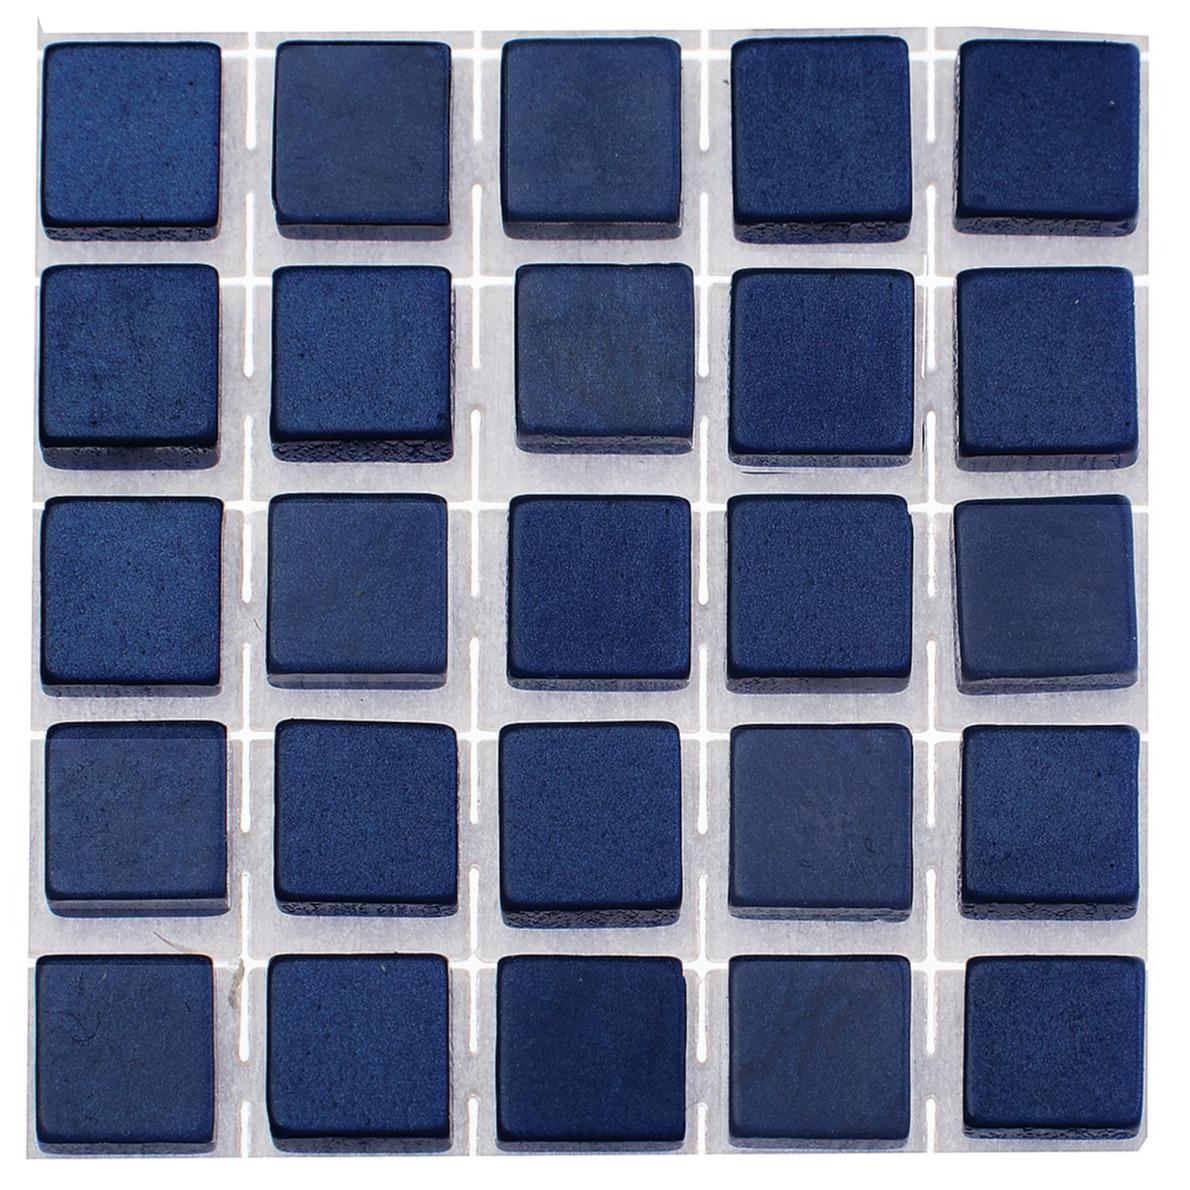 119x stuks mozaieken maken steentjes-tegels kleur donkerblauw 5 x 5 x 2 mm